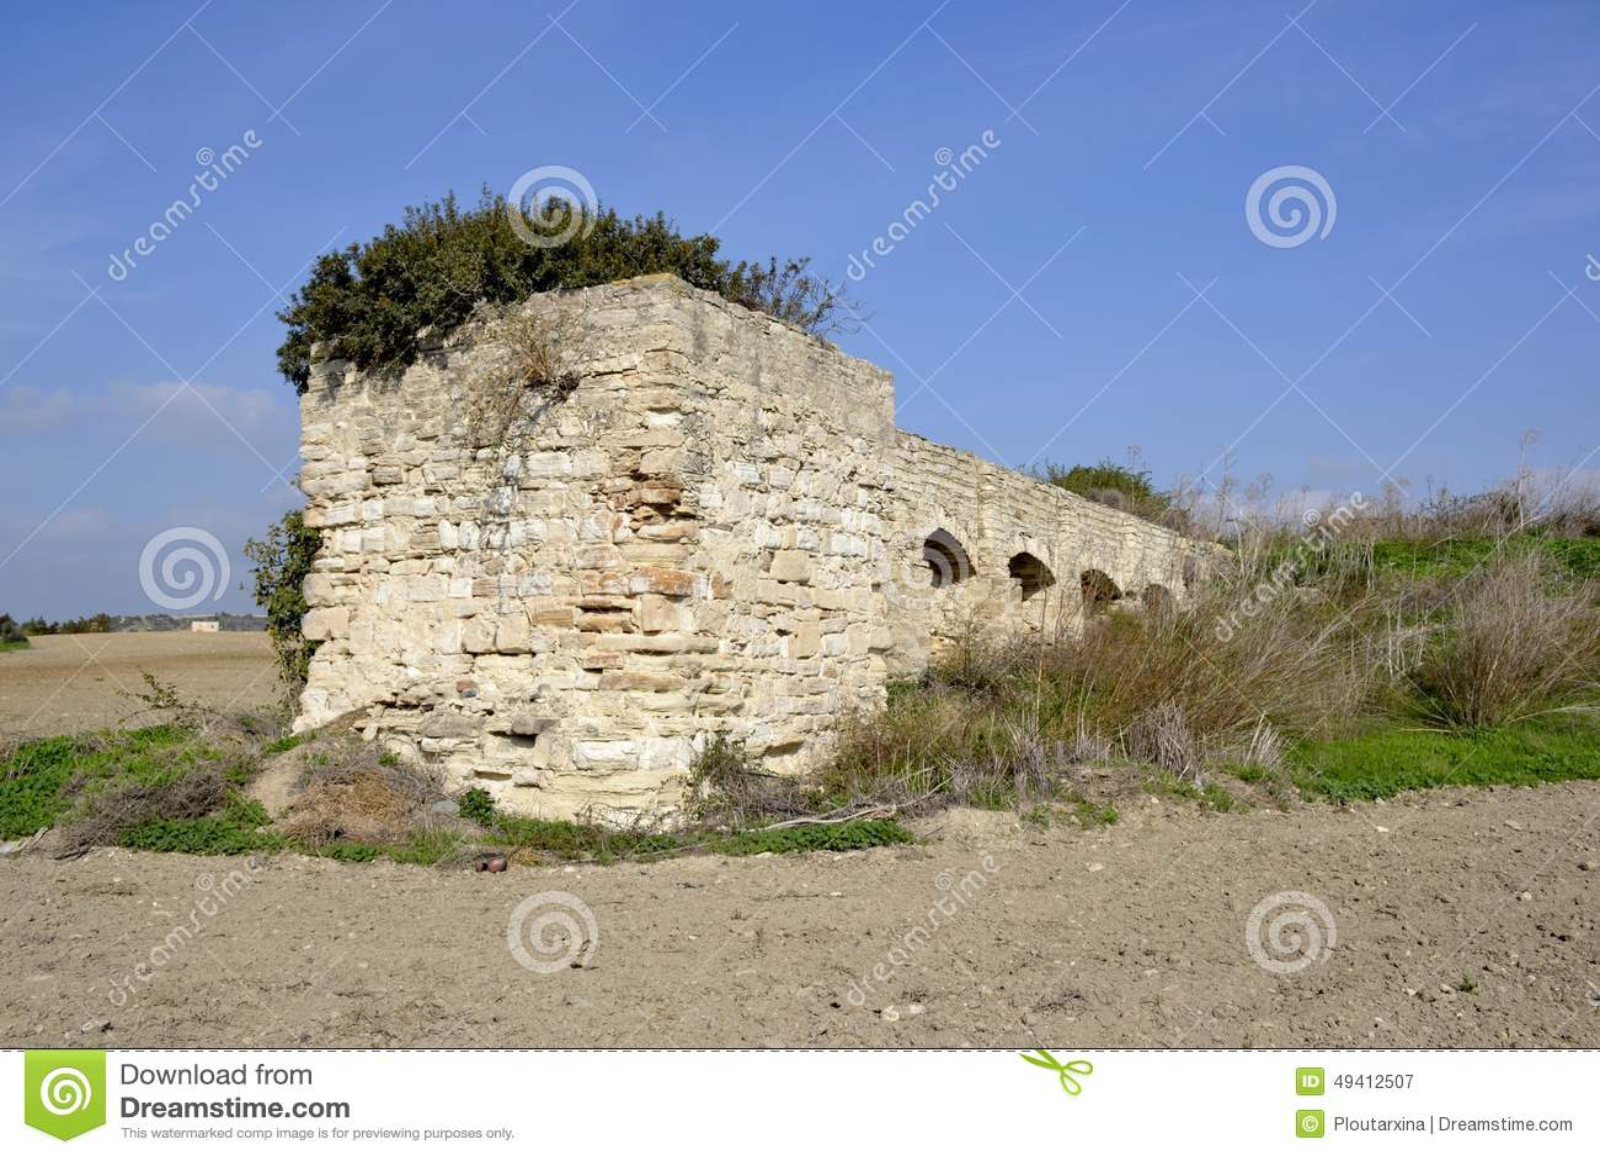 Download Altes watermill stockbild. Bild von stein, geschichte - 49412507